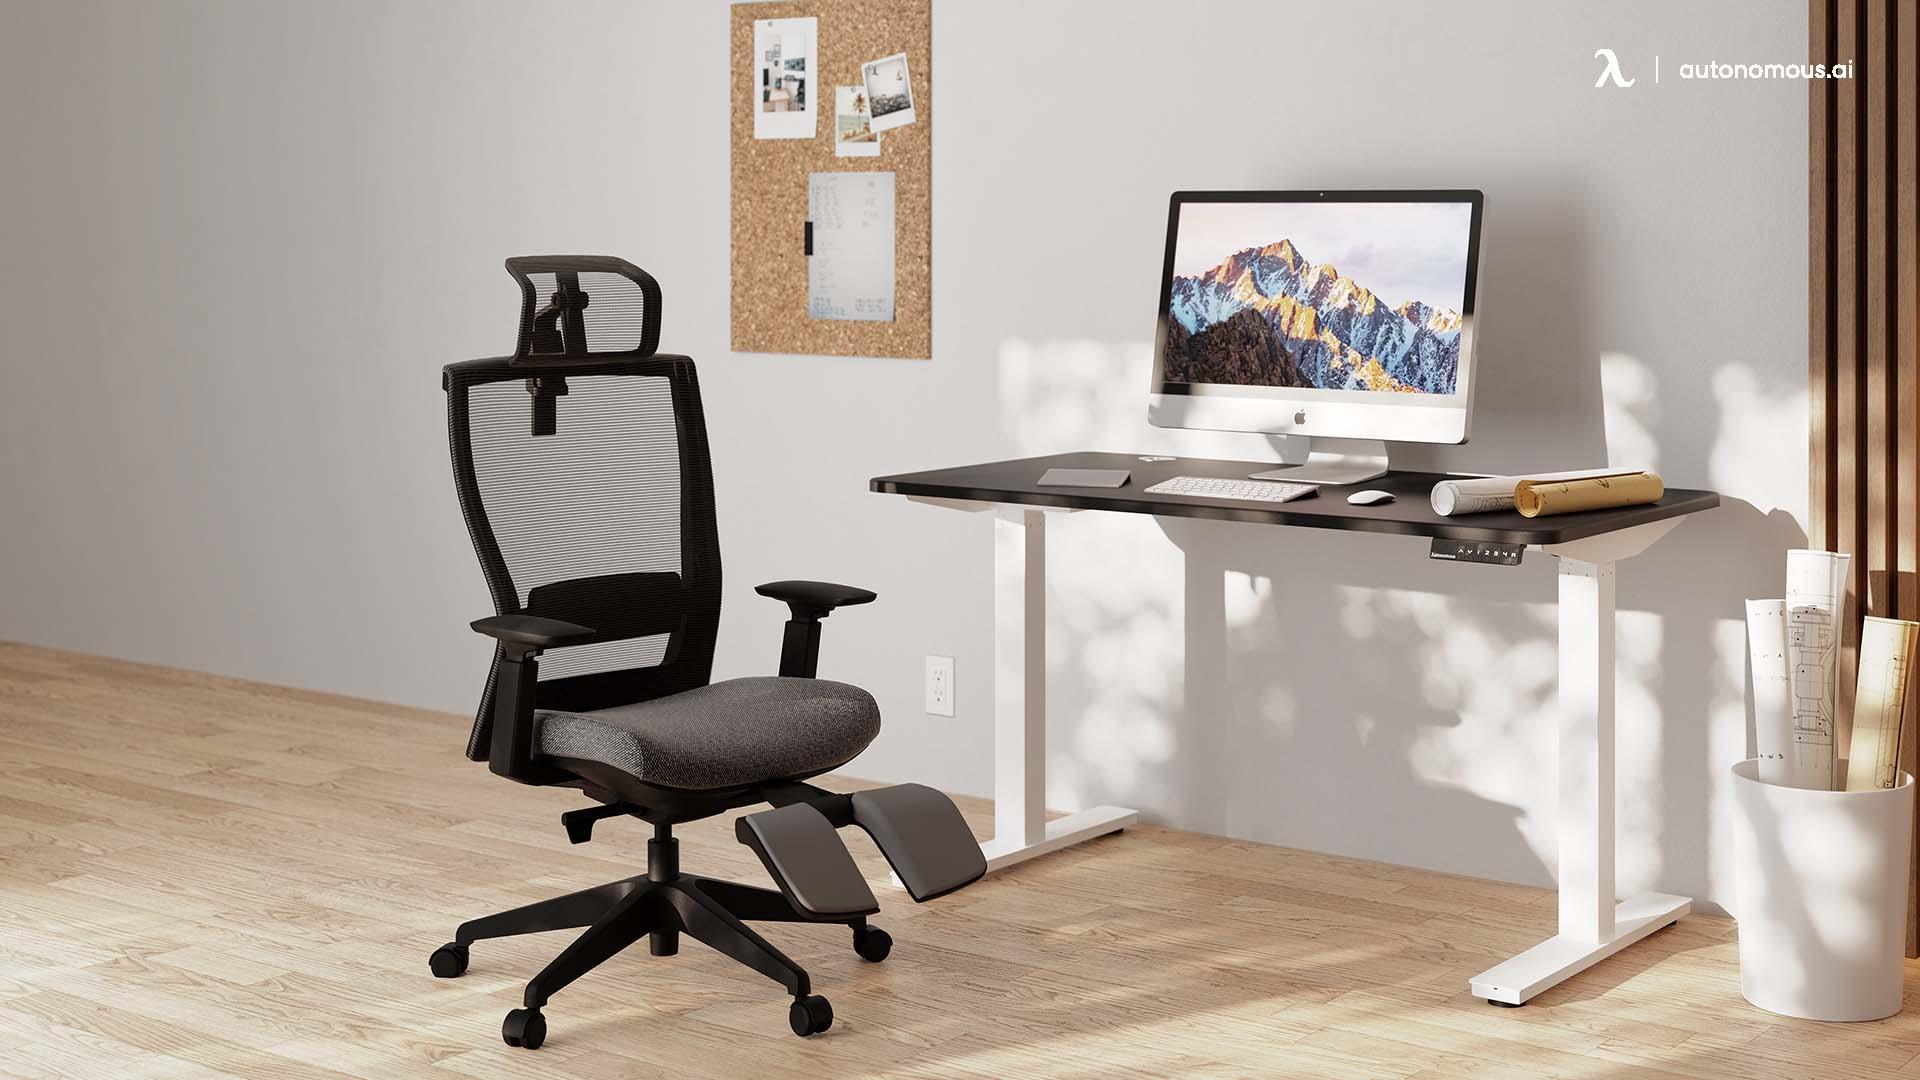 SmartDesk Core – Perfect Standing Desk